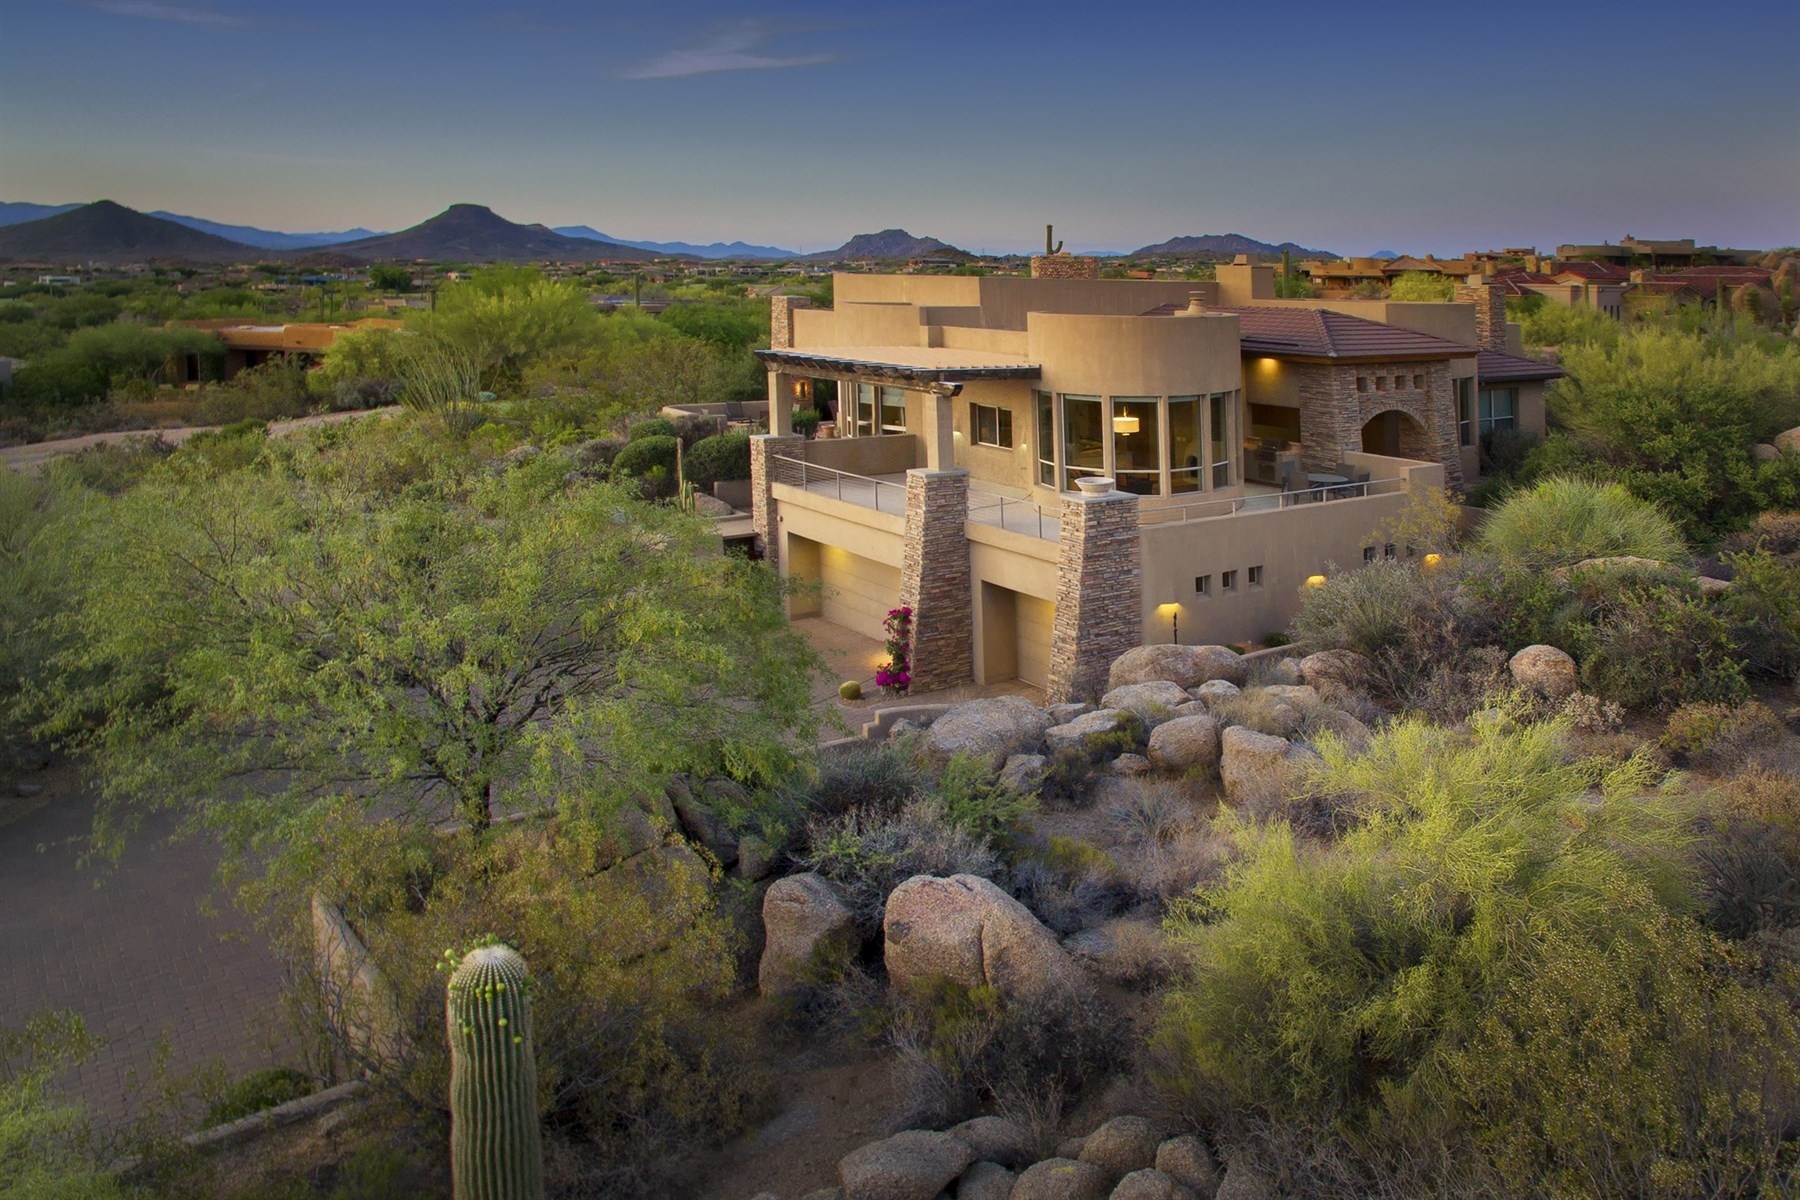 Villa per Vendita alle ore Right-sized home on an elevated lot in Estancia 10356 E Running Deer Trl Scottsdale, Arizona, 85262 Stati Uniti